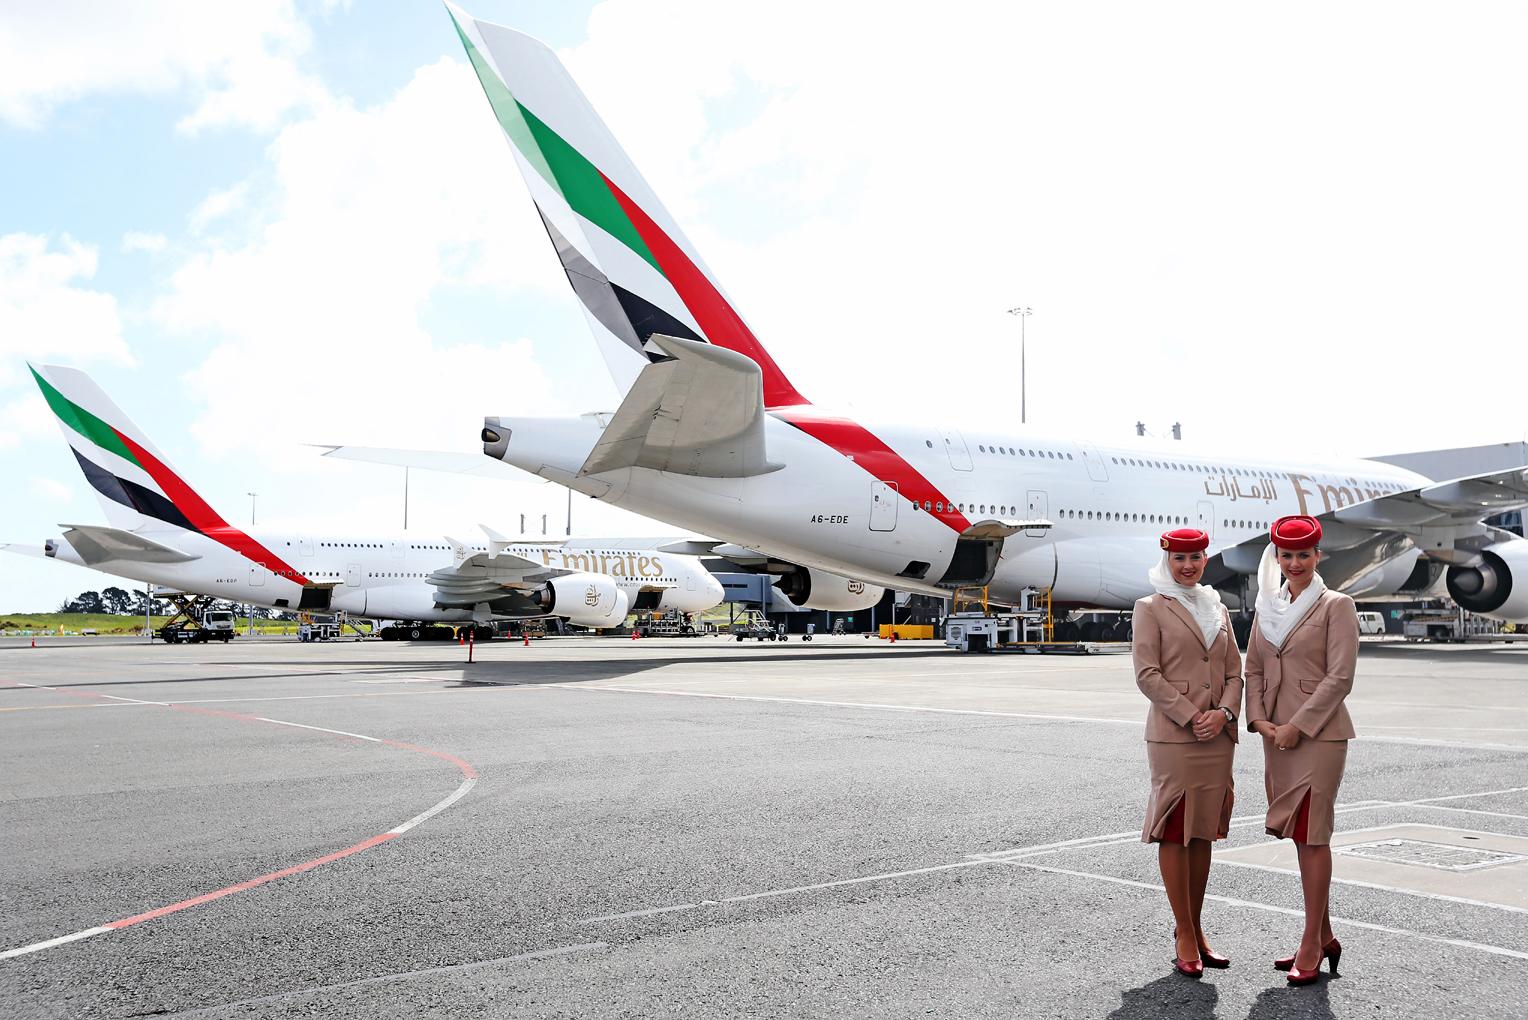 México autoriza vuelo de Emirates desde Dubai a partir de diciembre